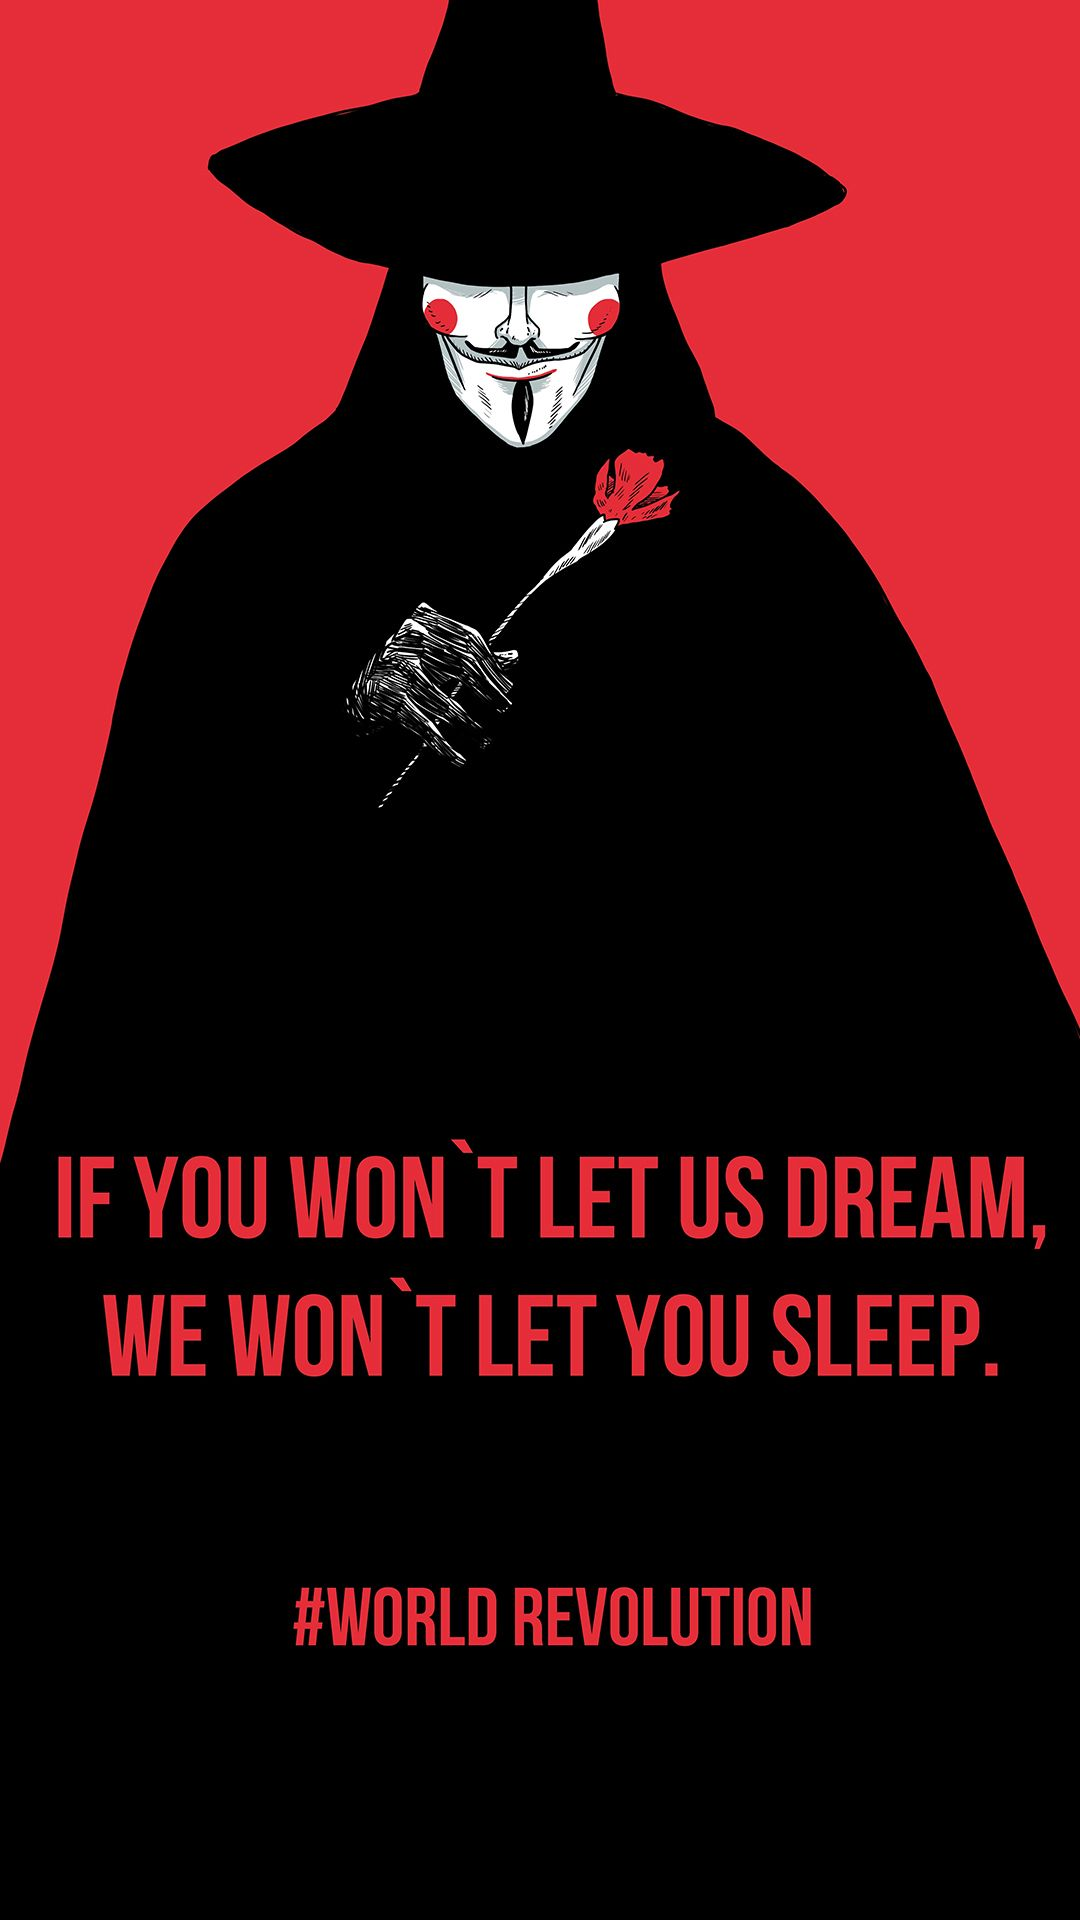 world revolution vendetta rose android wallpaper